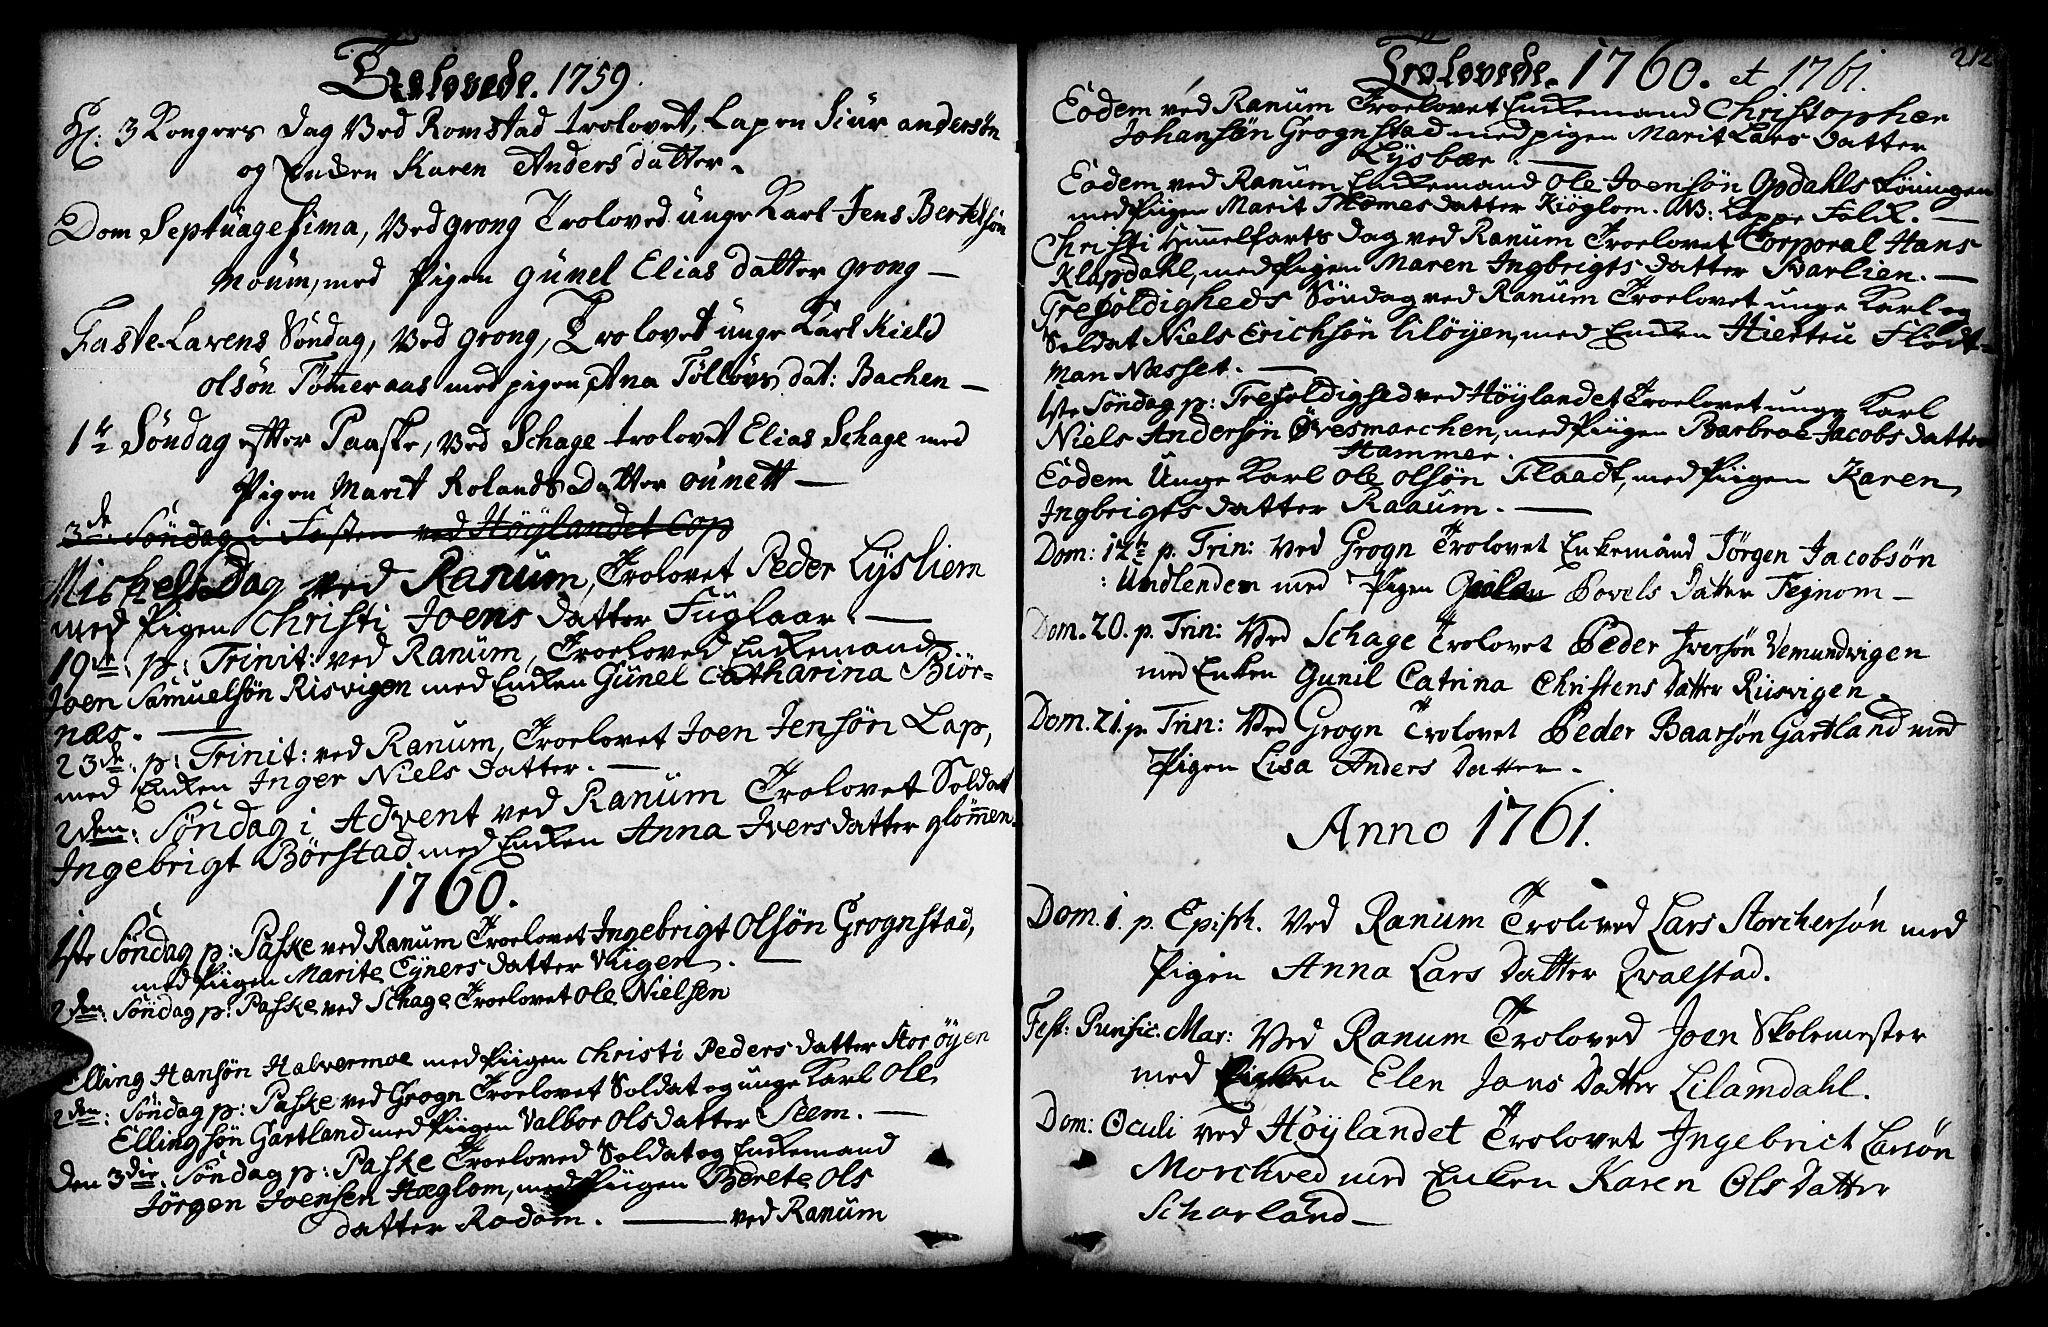 SAT, Ministerialprotokoller, klokkerbøker og fødselsregistre - Nord-Trøndelag, 764/L0542: Ministerialbok nr. 764A02, 1748-1779, s. 212